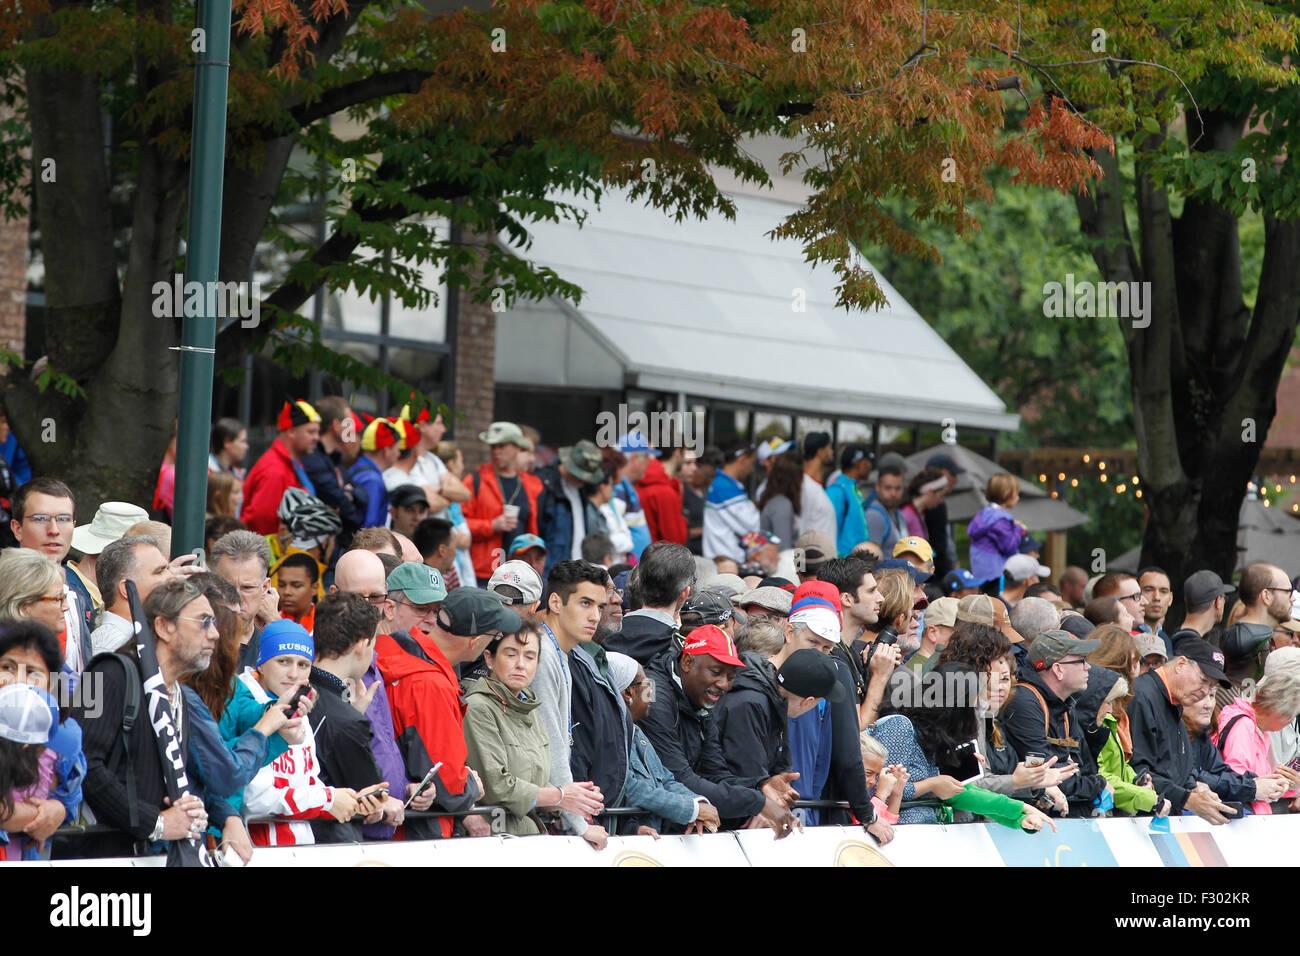 RICHMOND, Virginia, 26 de septiembre de 2015. Los fans se reúnen en Richmond, Virginia's East Broad Street durante los Campeonatos del Mundo de carretera UCI 2015 Crédito: Ironstring/Alamy Live News Foto de stock